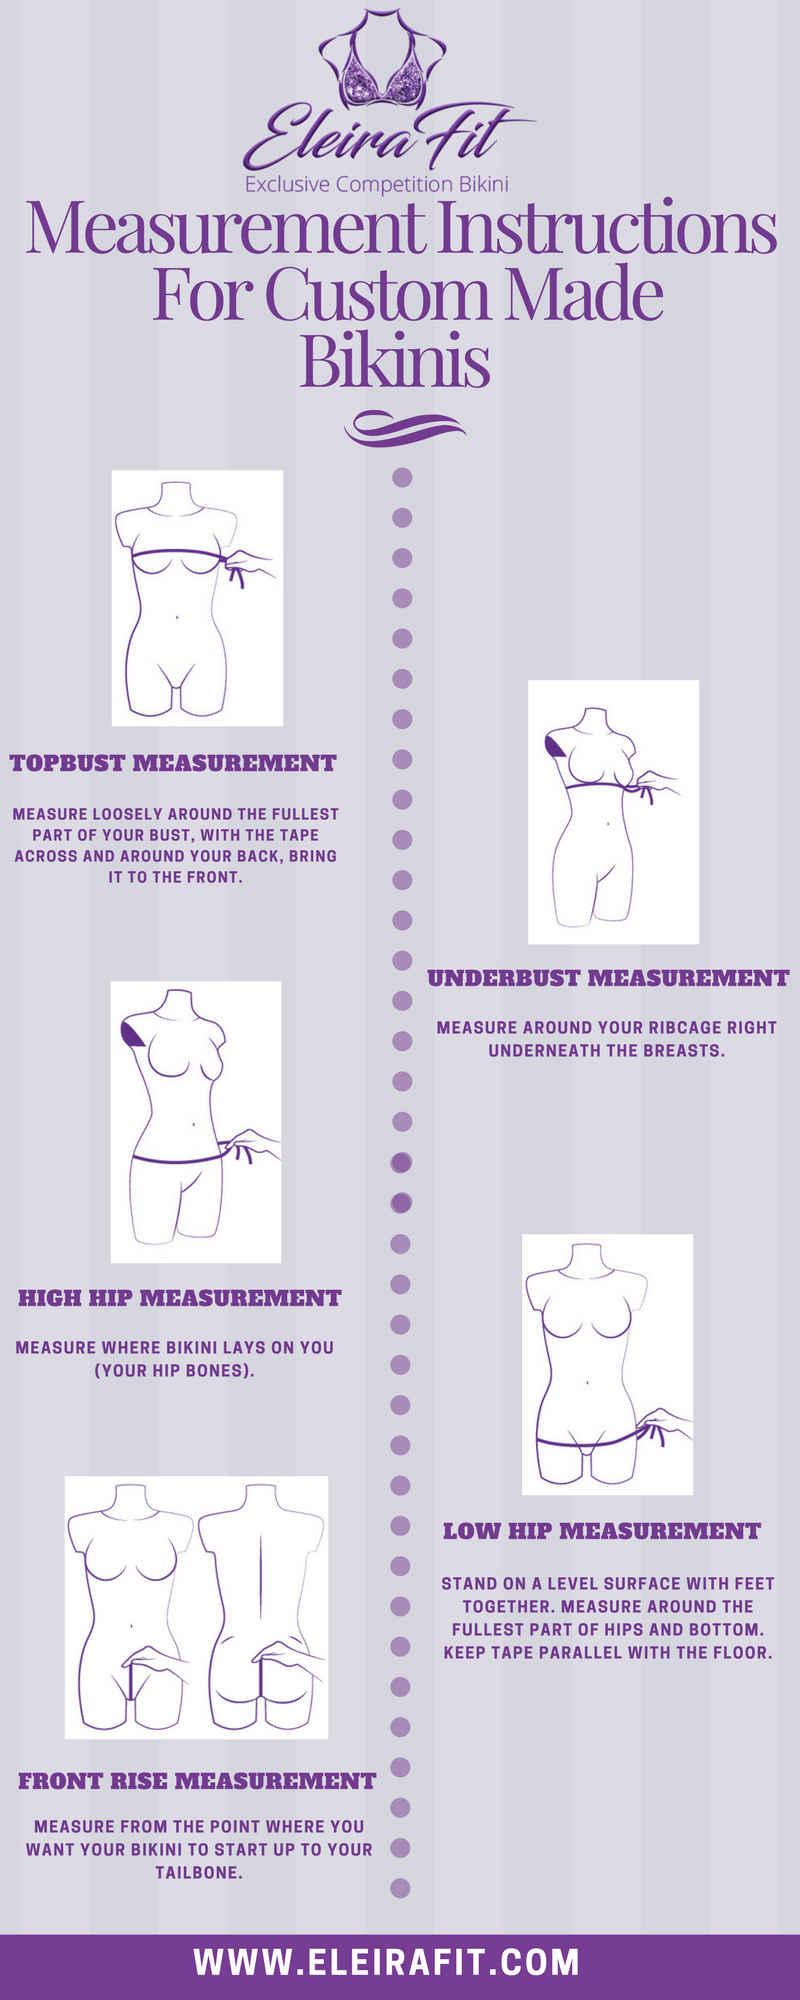 How to Take Measurements for Custom Bikinis